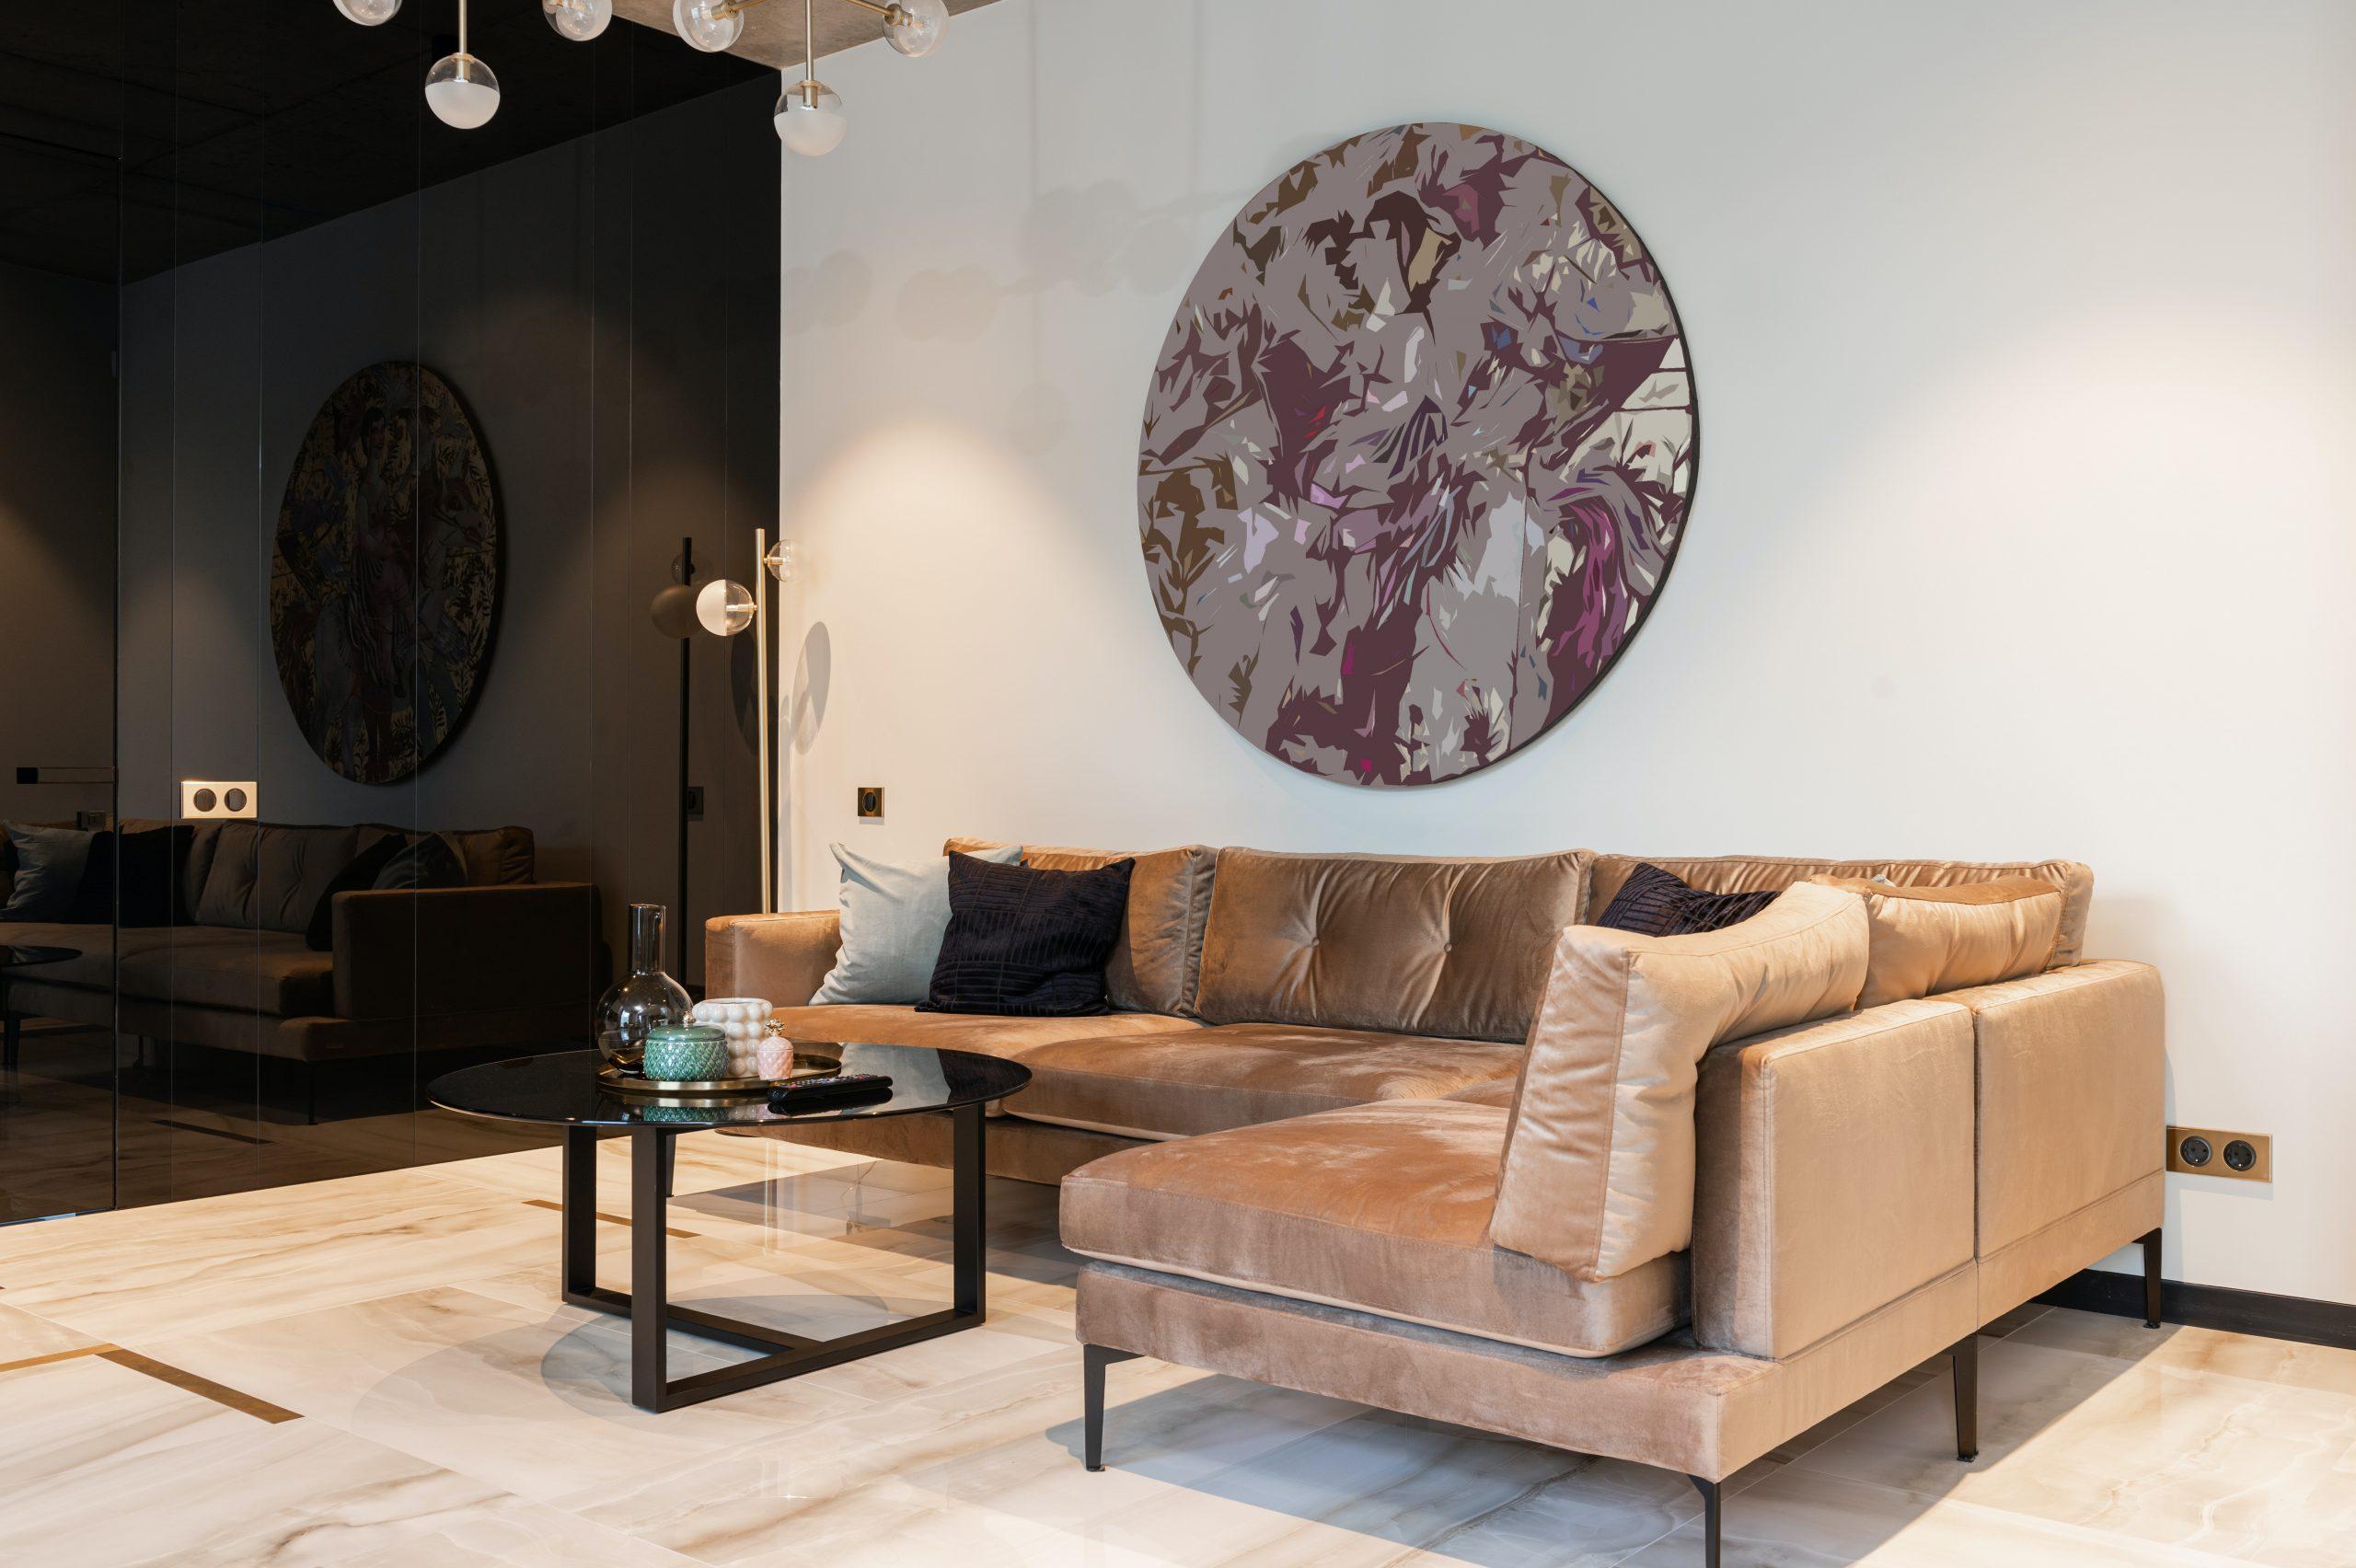 El tapizado del sofá, con terciopelo o chenilla, es mucho más cálido para las estaciones frías.